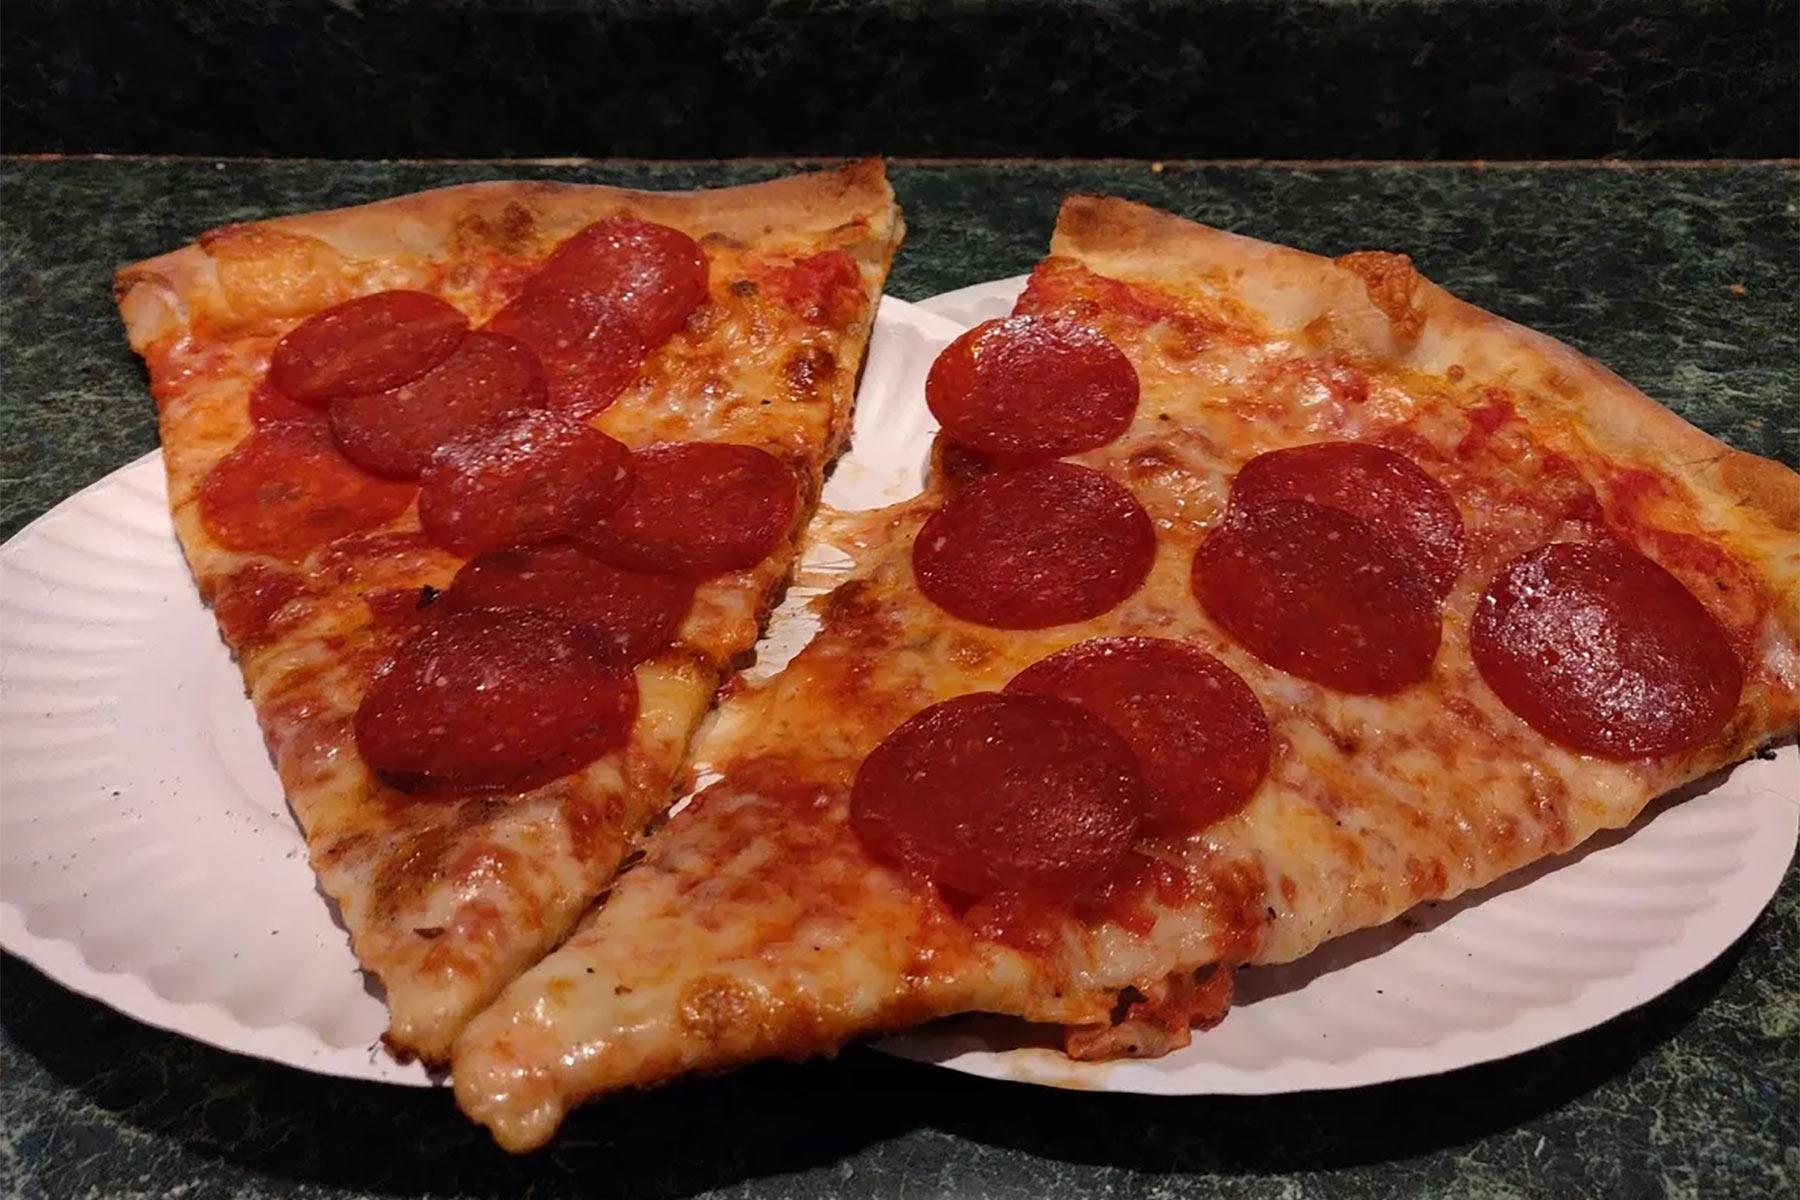 pepperoni w Joe's Pizza (zdjęcie na licencji CC 3.0, Wikipedia)